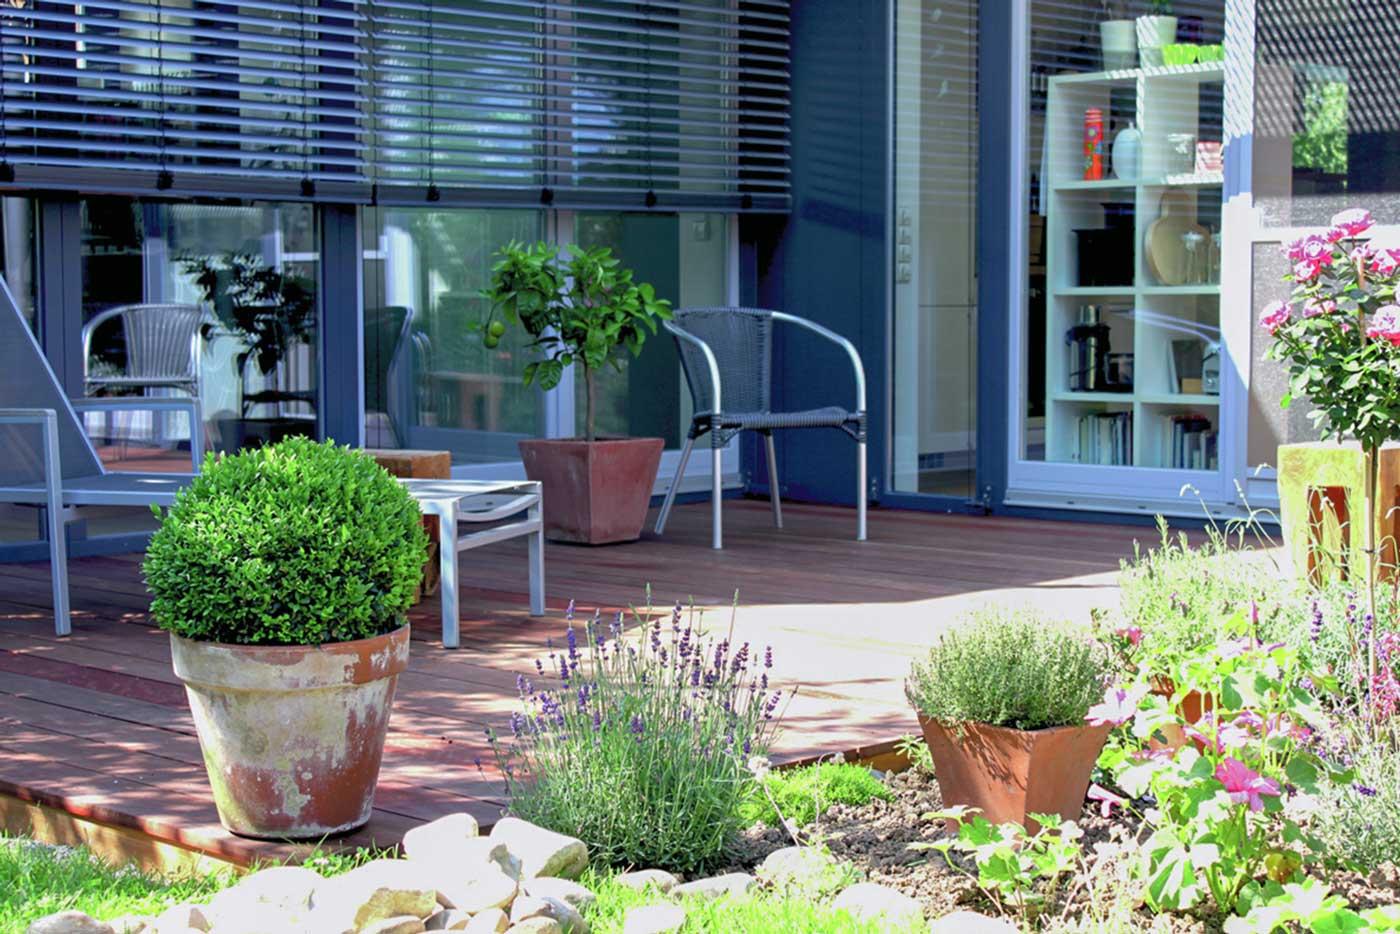 kleih-holzbau-terrassen2